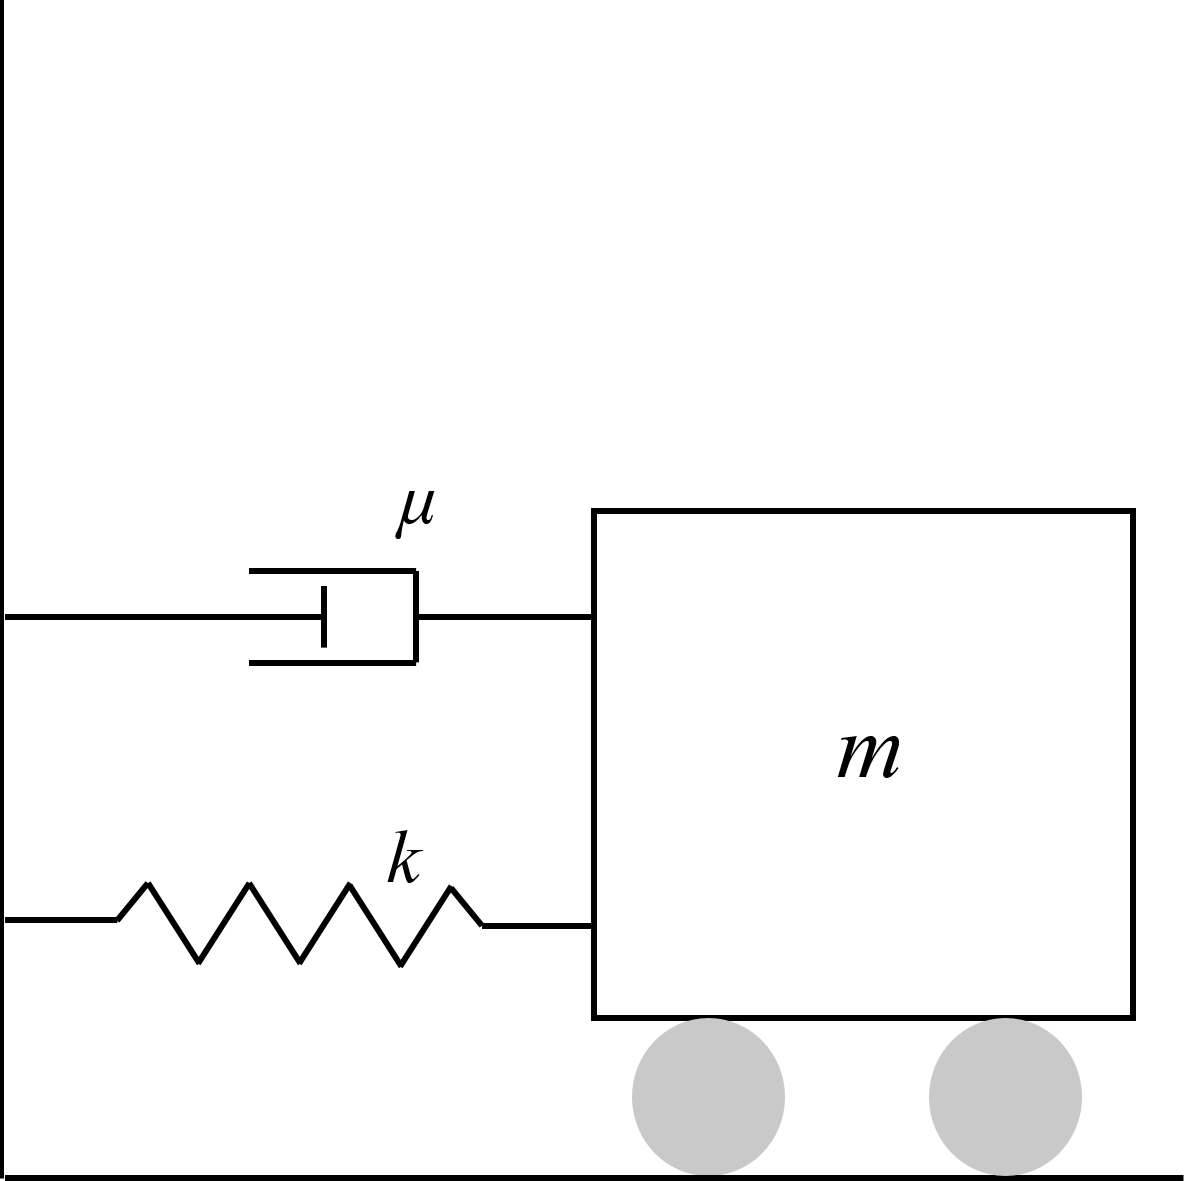 振動の運動方程式をエクセルVBAを使って解く